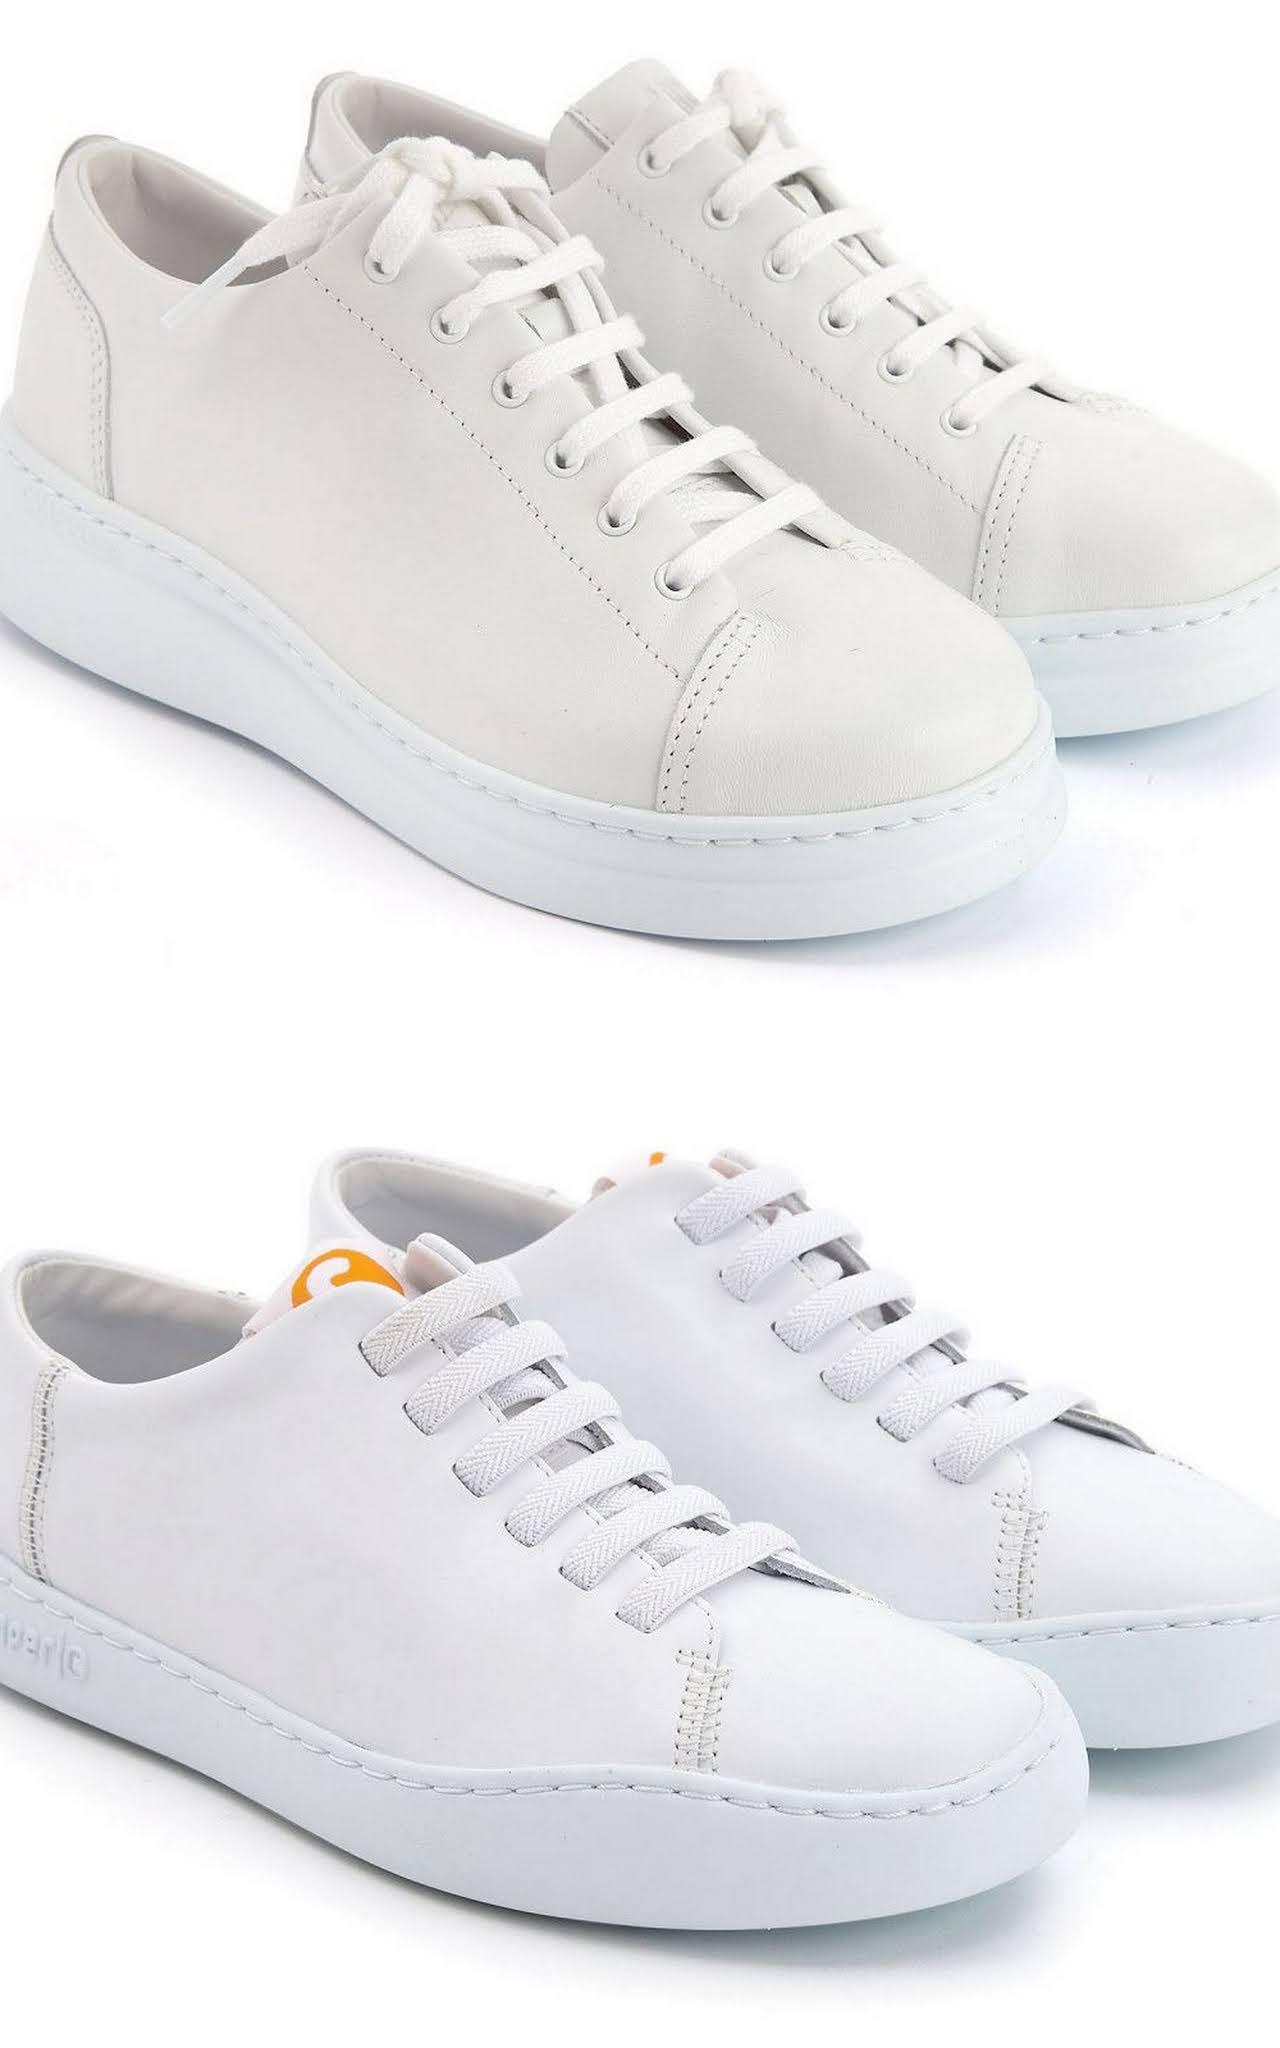 białe snaekersy najmodniejsze buty